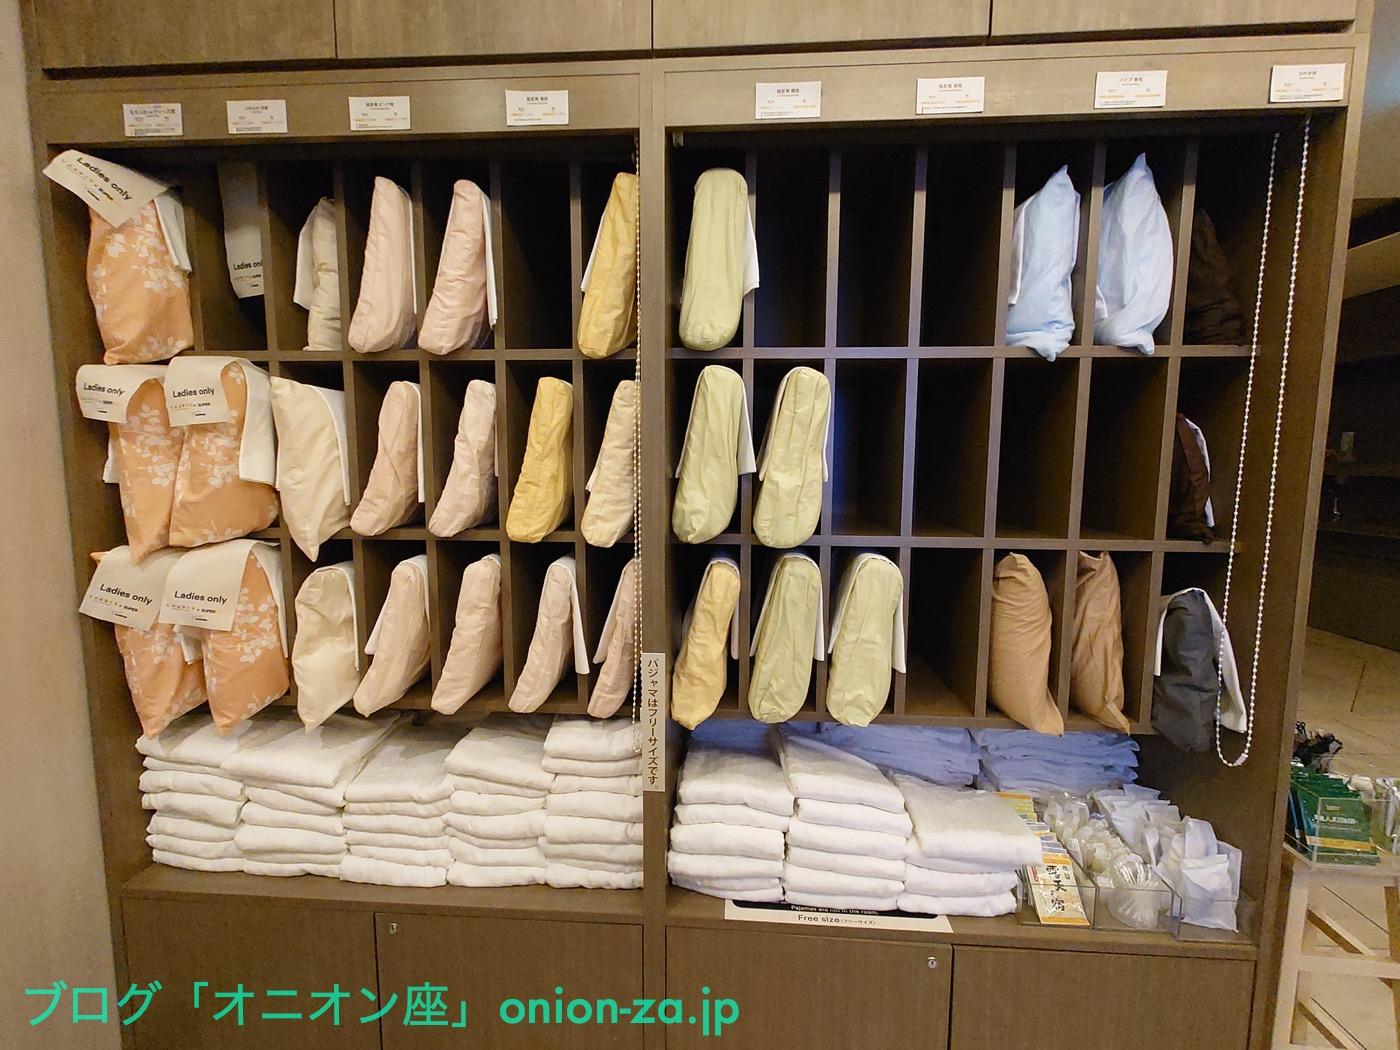 某県にあるスーパーホテルの枕コーナー。セルフサービスで枕が選び放題なのが魅力。